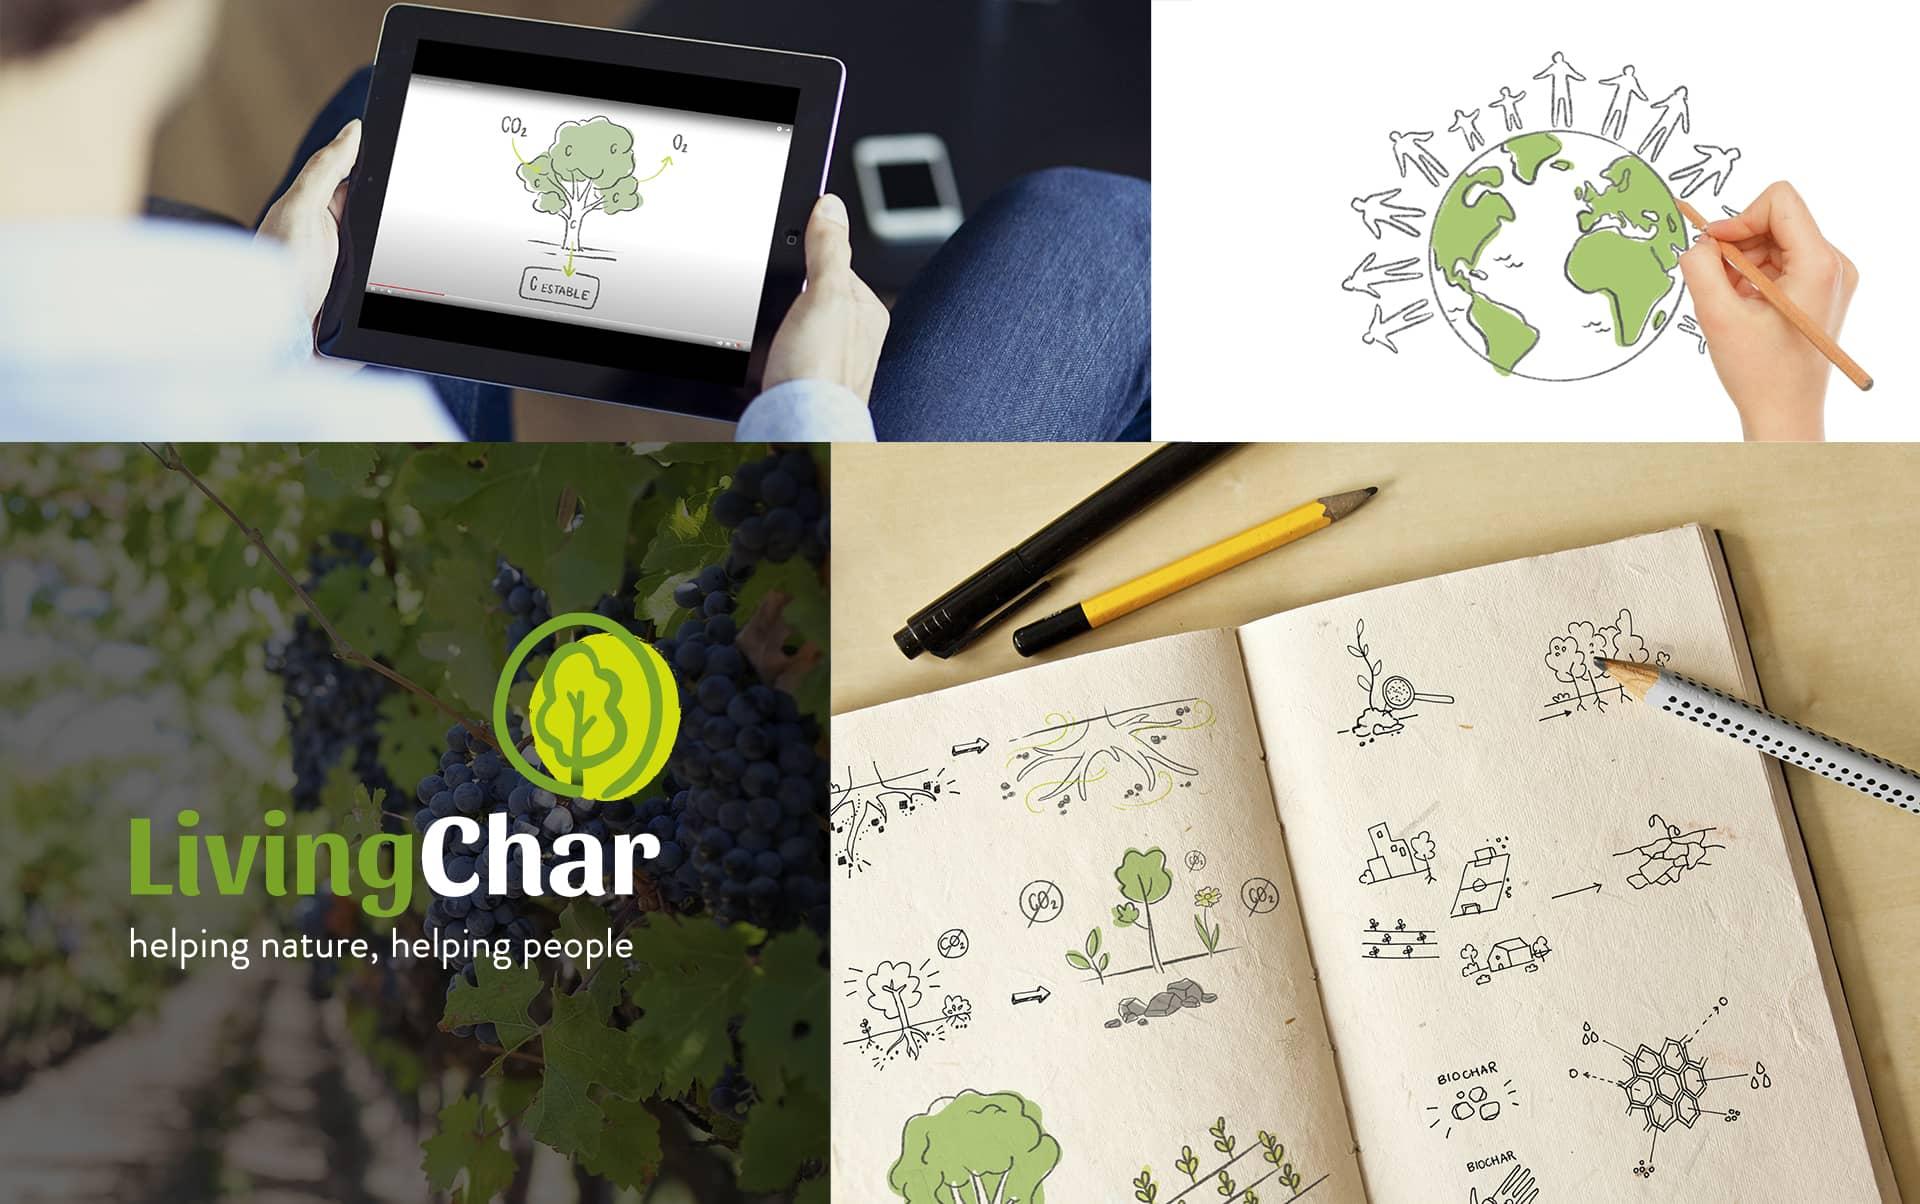 03 creacion de estrategia de marca barcelona - Branding, estrategia y acciones y elementos corporativos para empresa del sector agrícola